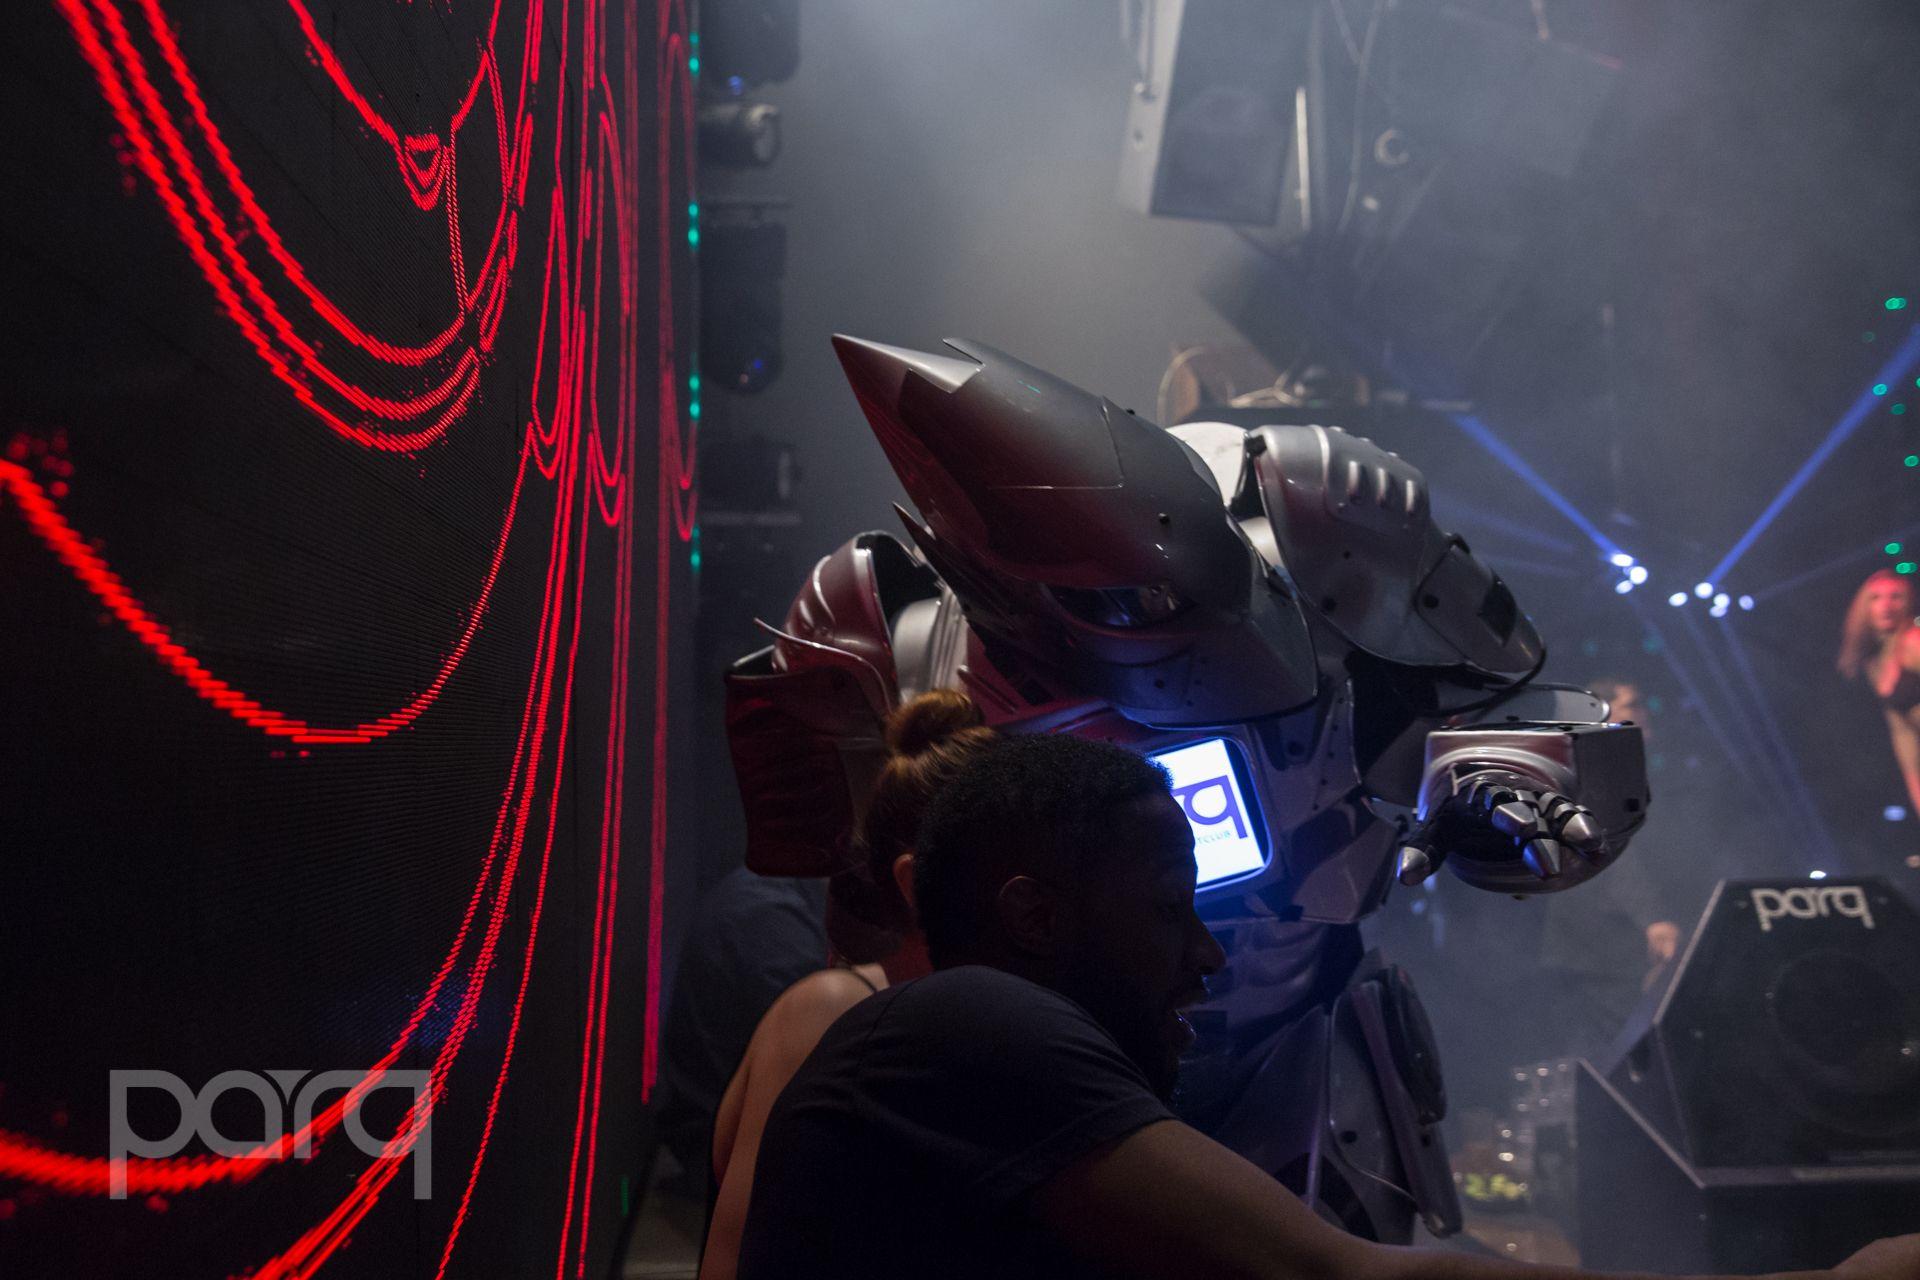 San-Diego-Nightclub-DJ Obscene-2.jpg